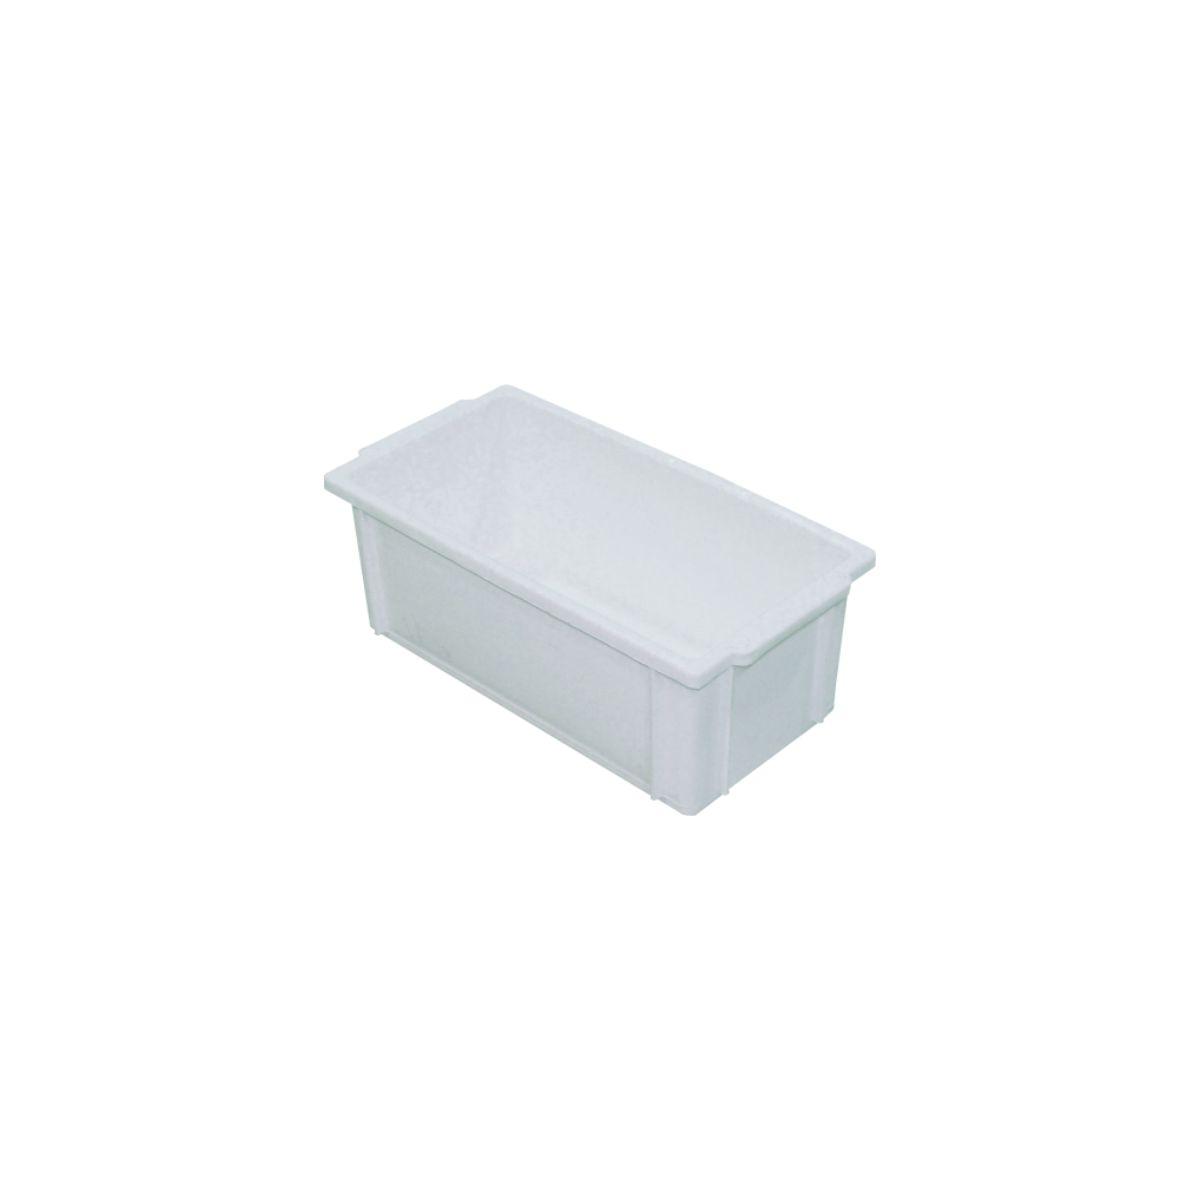 Caixa plástica empilhável c/ tampa 4,5L - S350